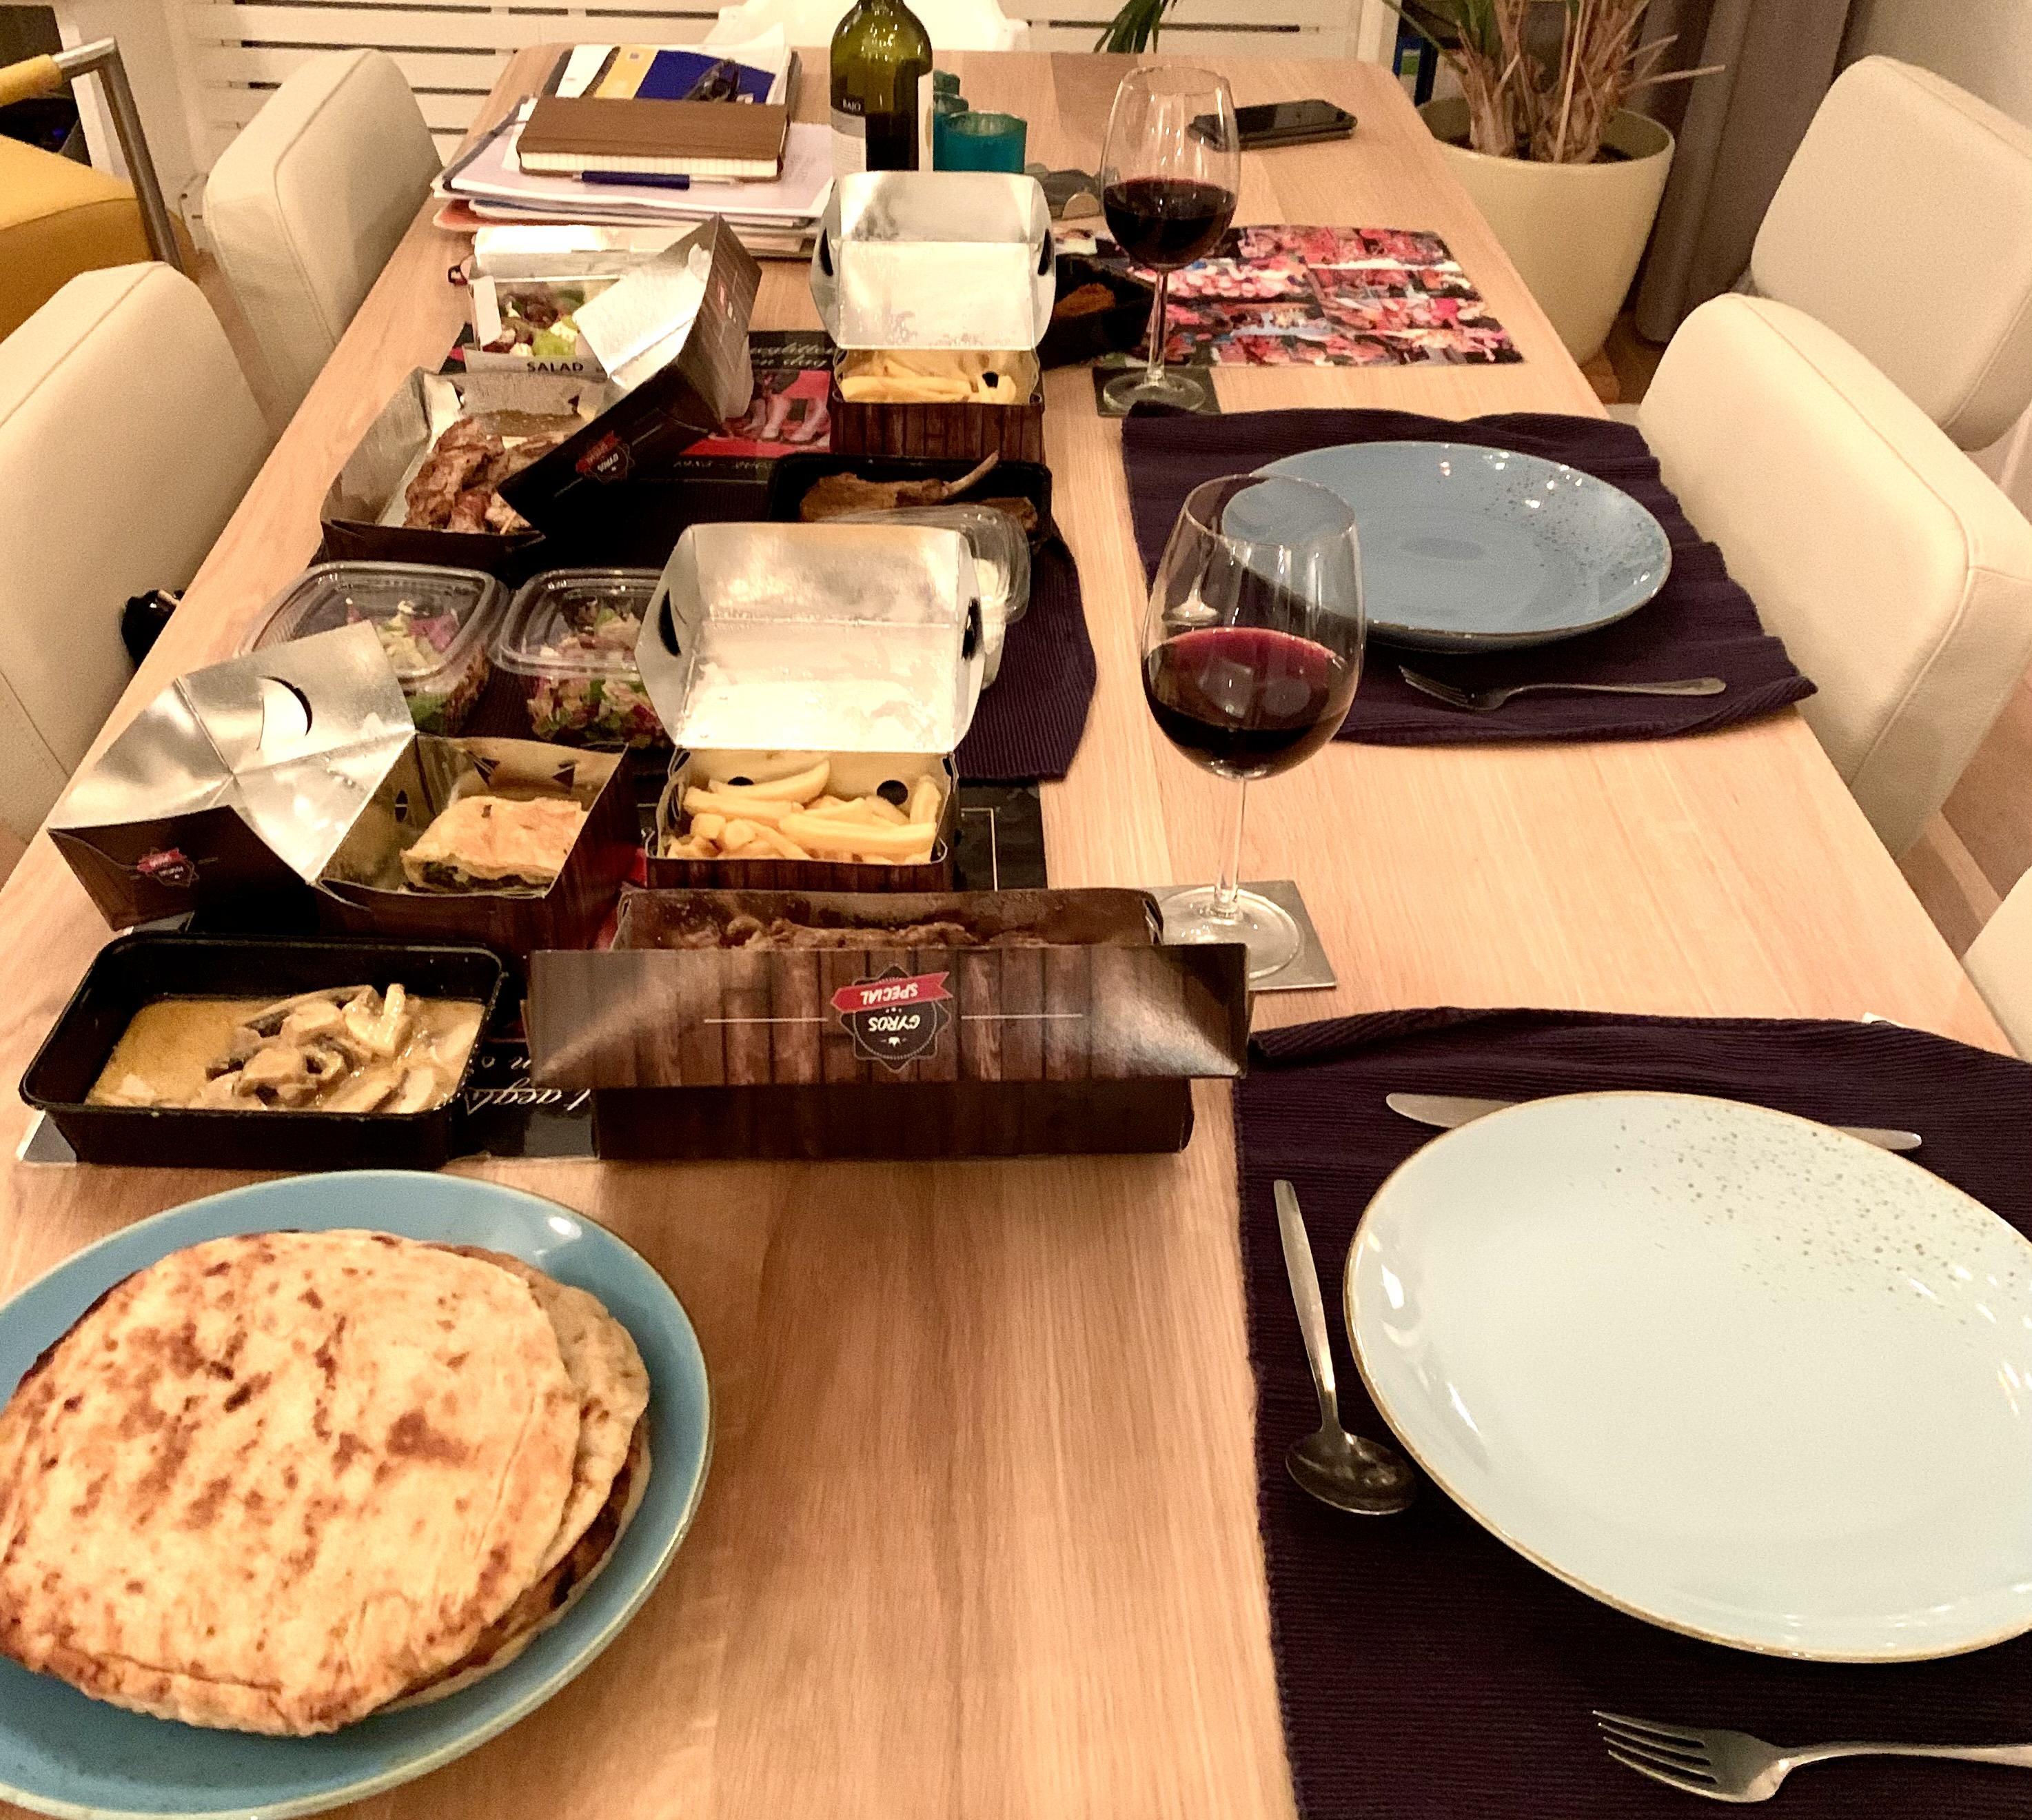 De Griek bij je thuis: op onze eettafel ontstaat een kleurrijk, Mediterraan geurend schilderij